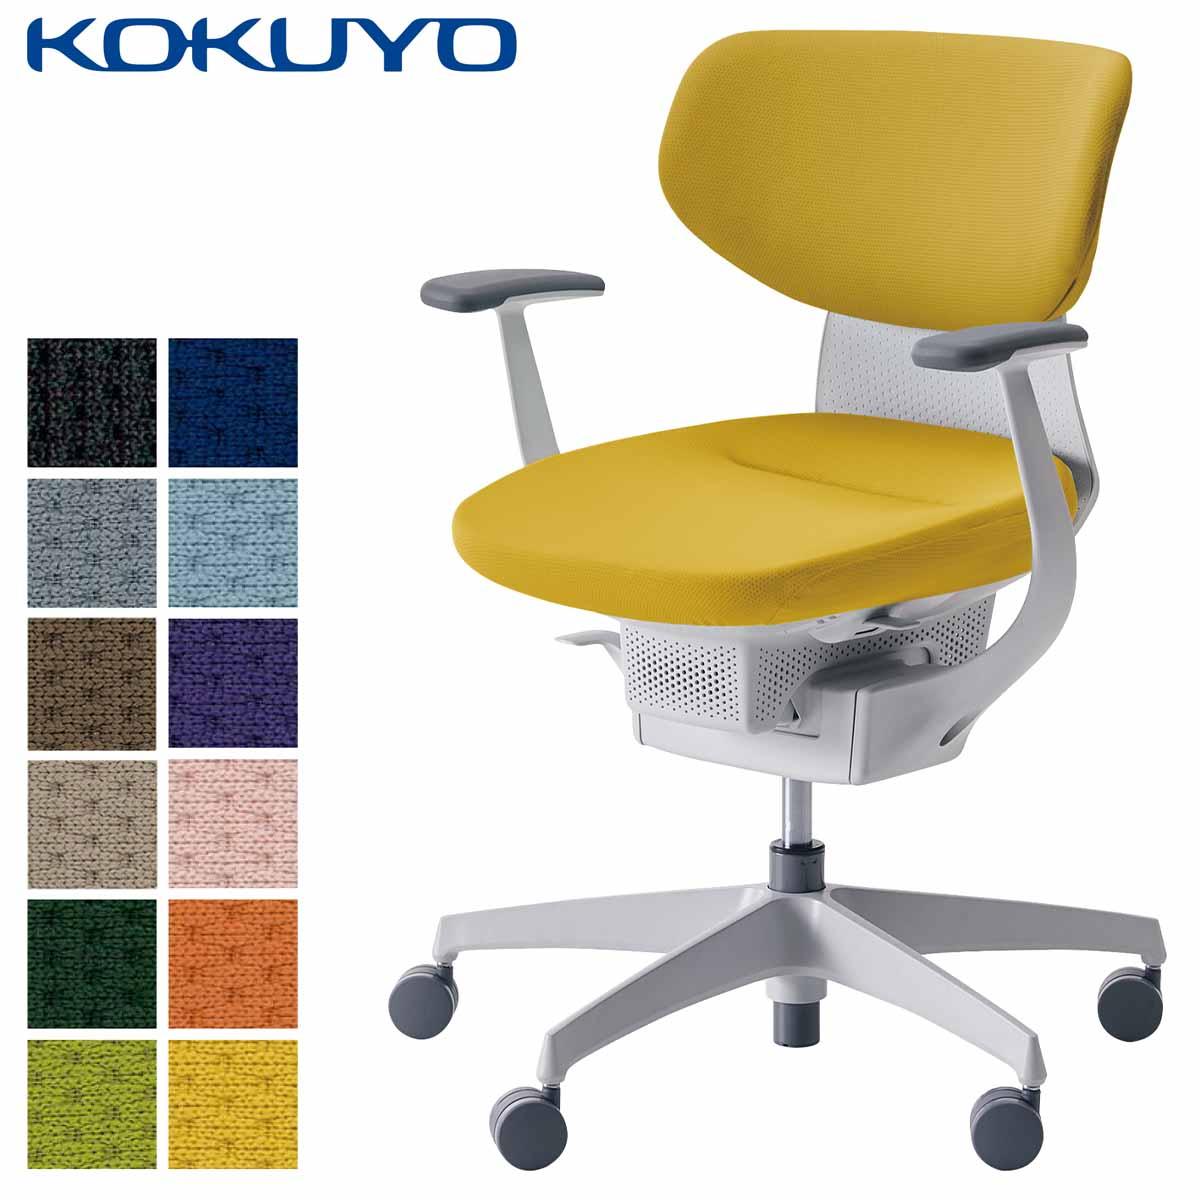 コクヨ デスクチェア オフィスチェア 椅子 ing イング CR-GW3201E1 クッションタイプ ラテラルタイプ T型肘 ホワイトシェル ホワイト樹脂脚 -w カーペット用キャスター